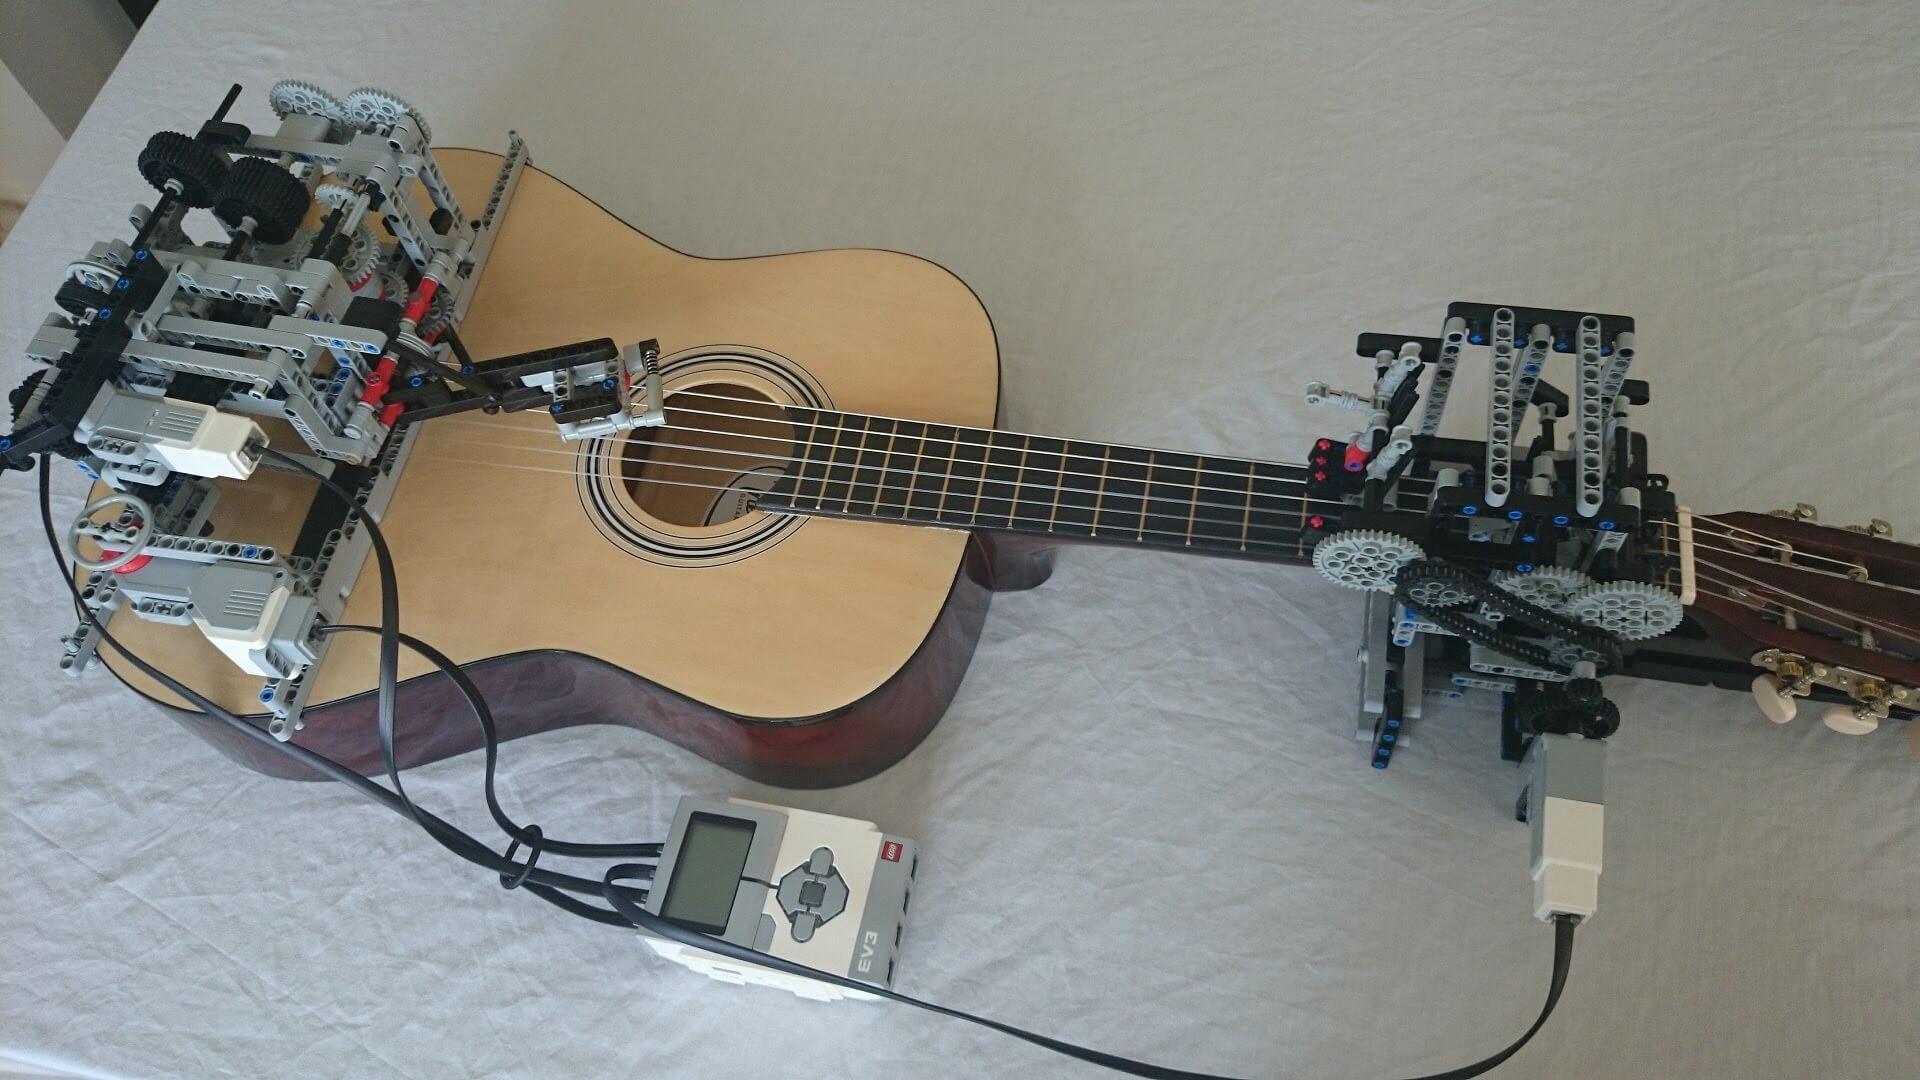 Questo robot fatto di LEGO è in grado di suonare la tua chitarra